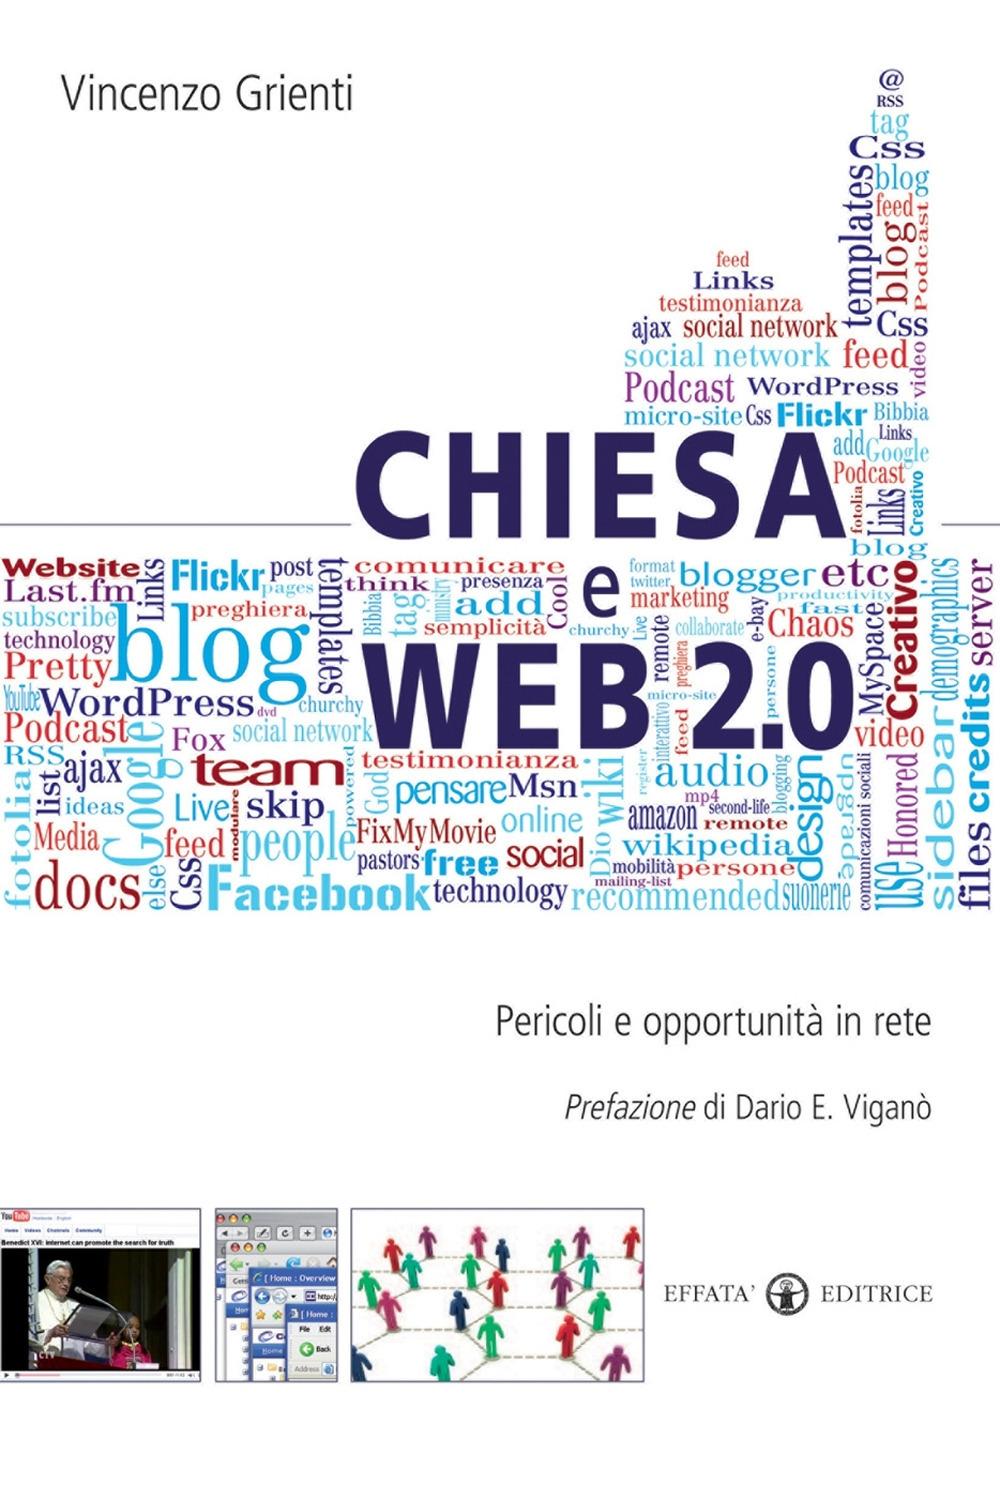 Chiesa e Web 2.0. Pericoli e Opportunità in Rete.